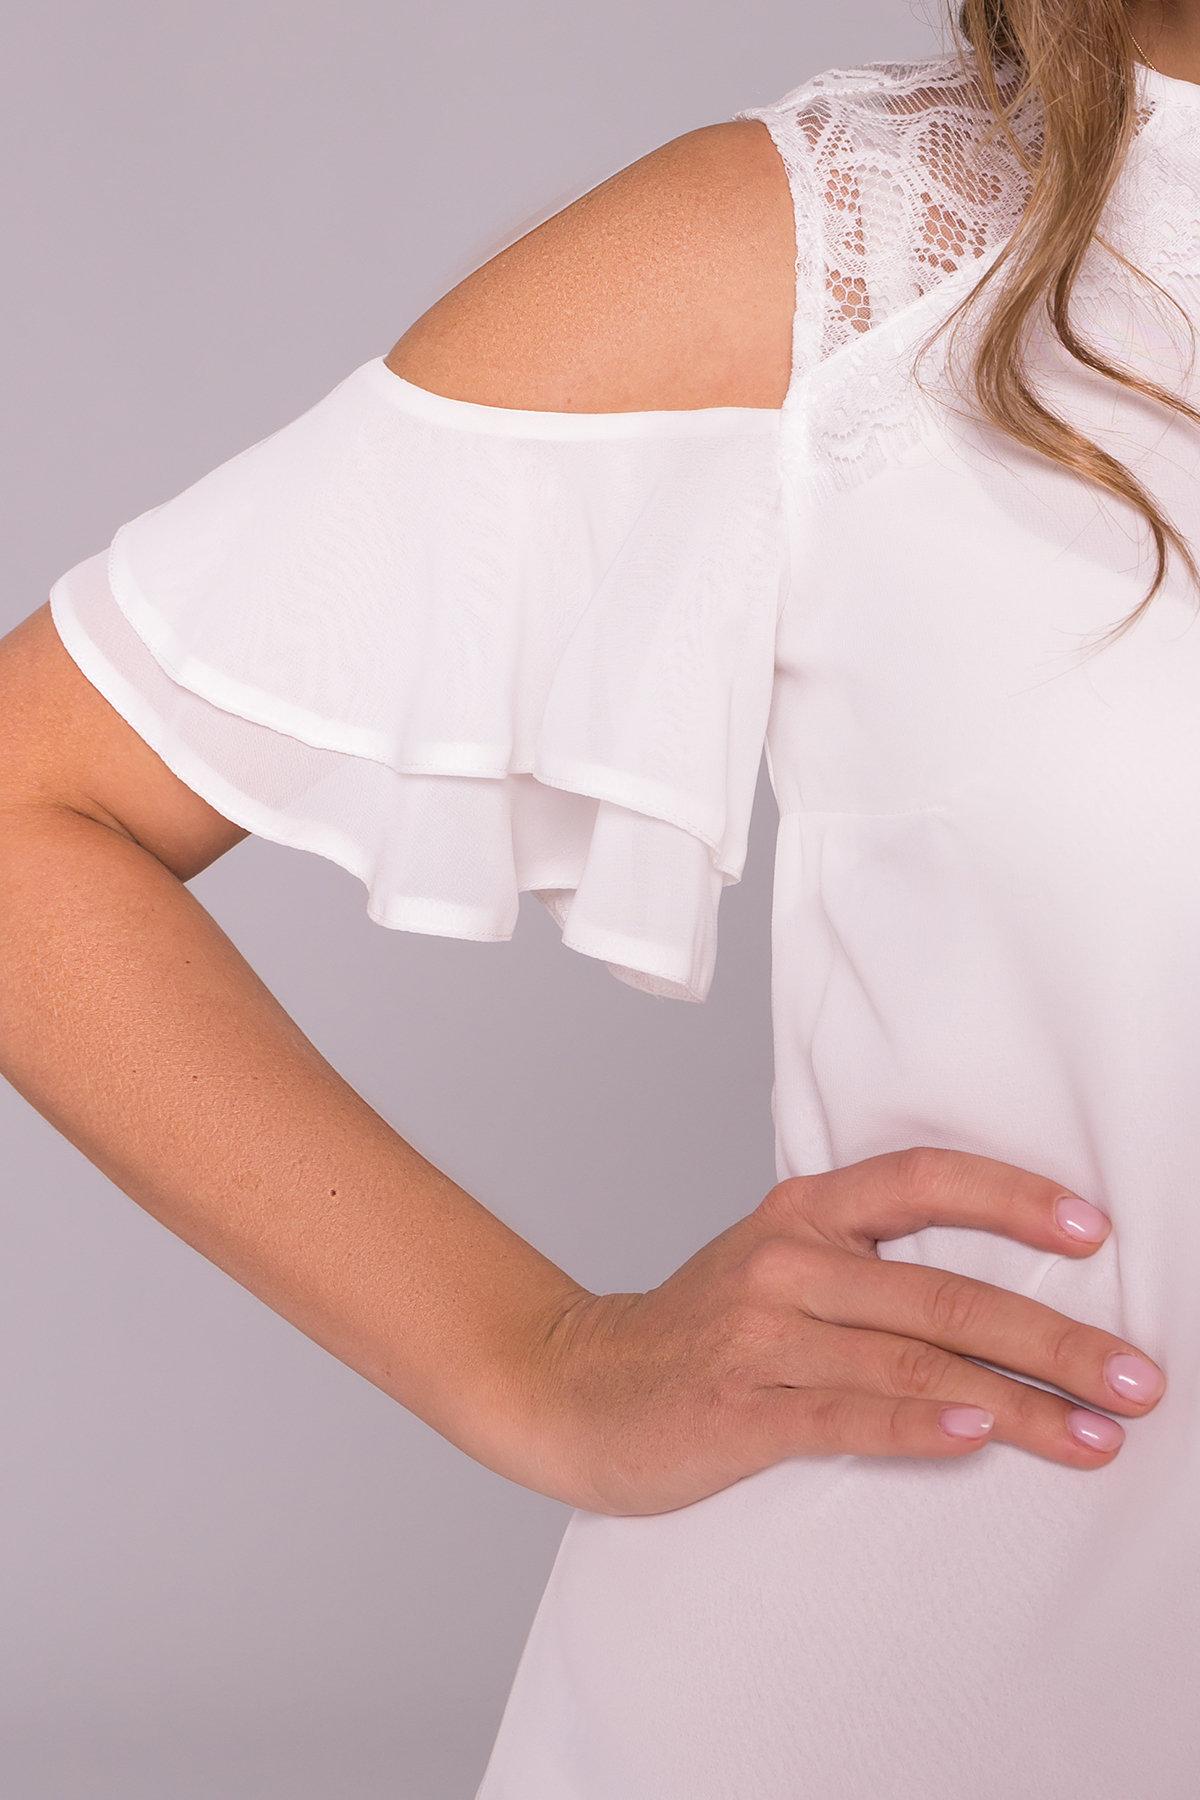 Платье Вито  7003 АРТ. 42411 Цвет: Молоко - фото 8, интернет магазин tm-modus.ru